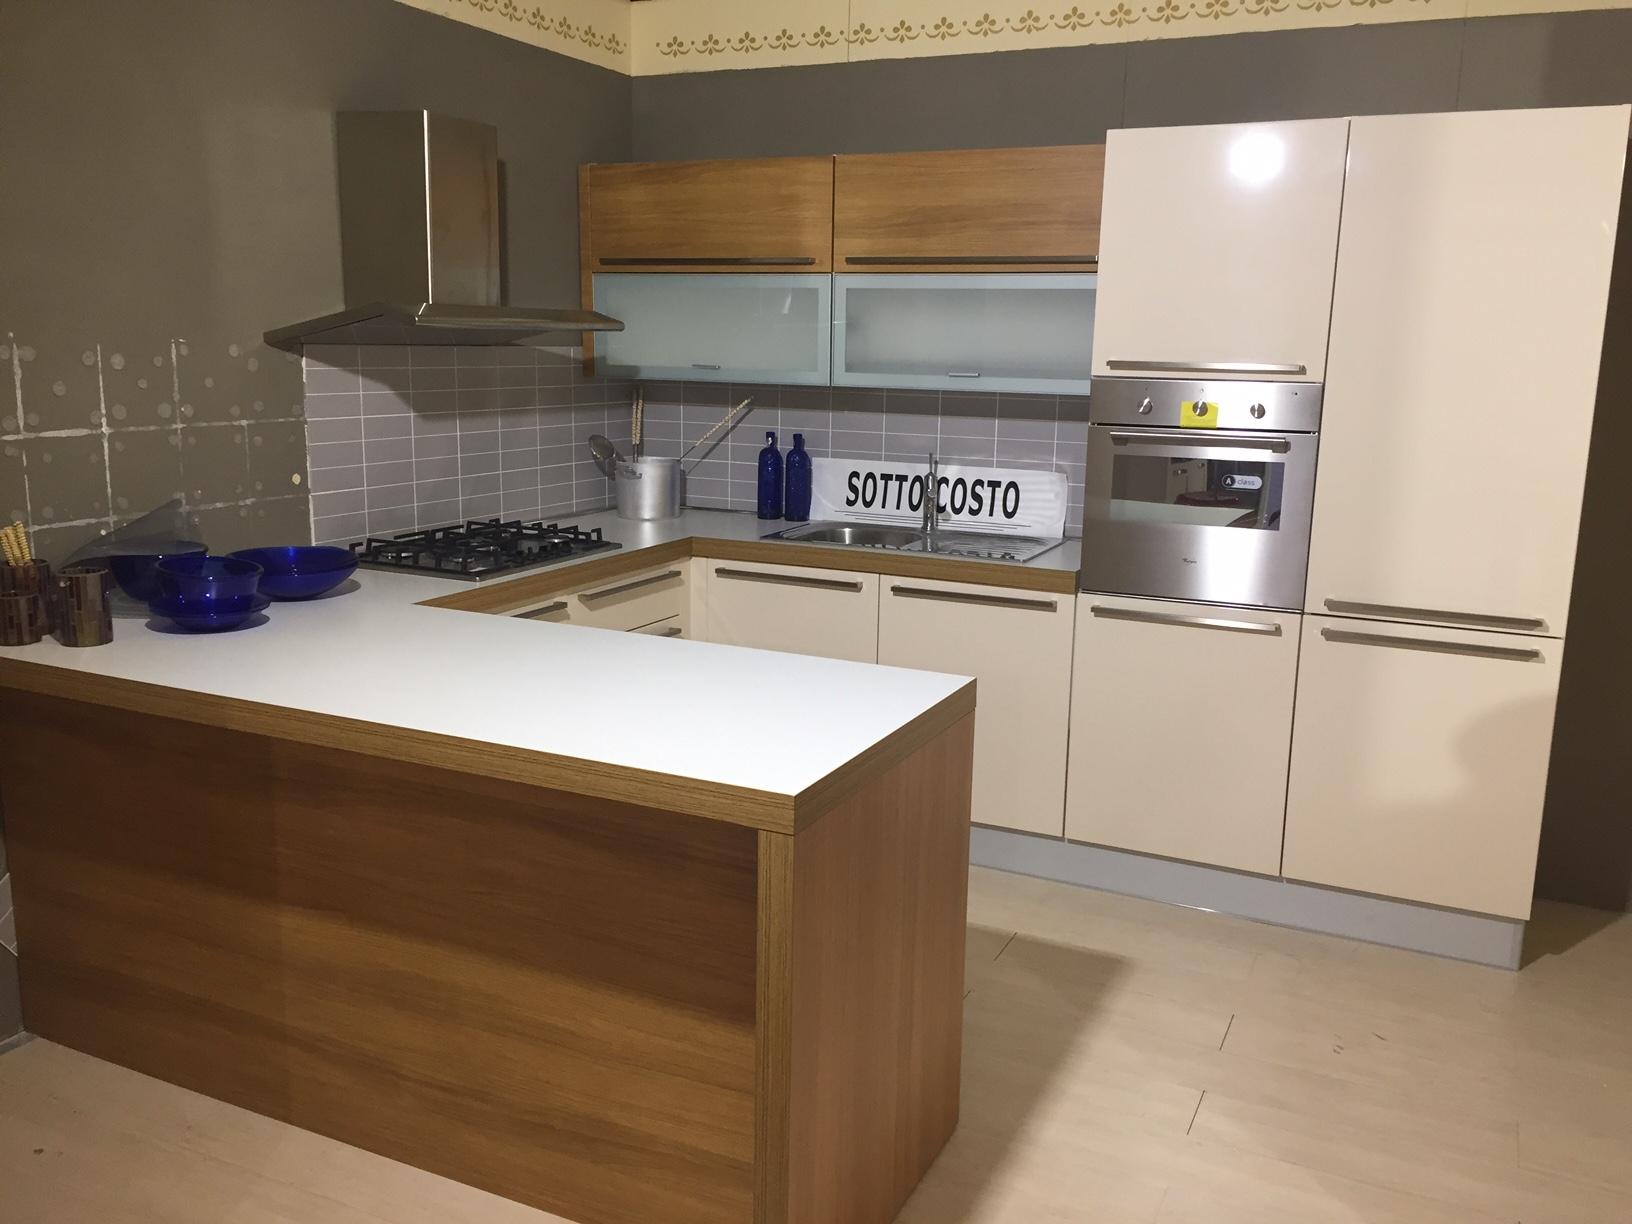 Cucina con penisola modello reflex scontato del 71 - Cucina con penisola centrale ...